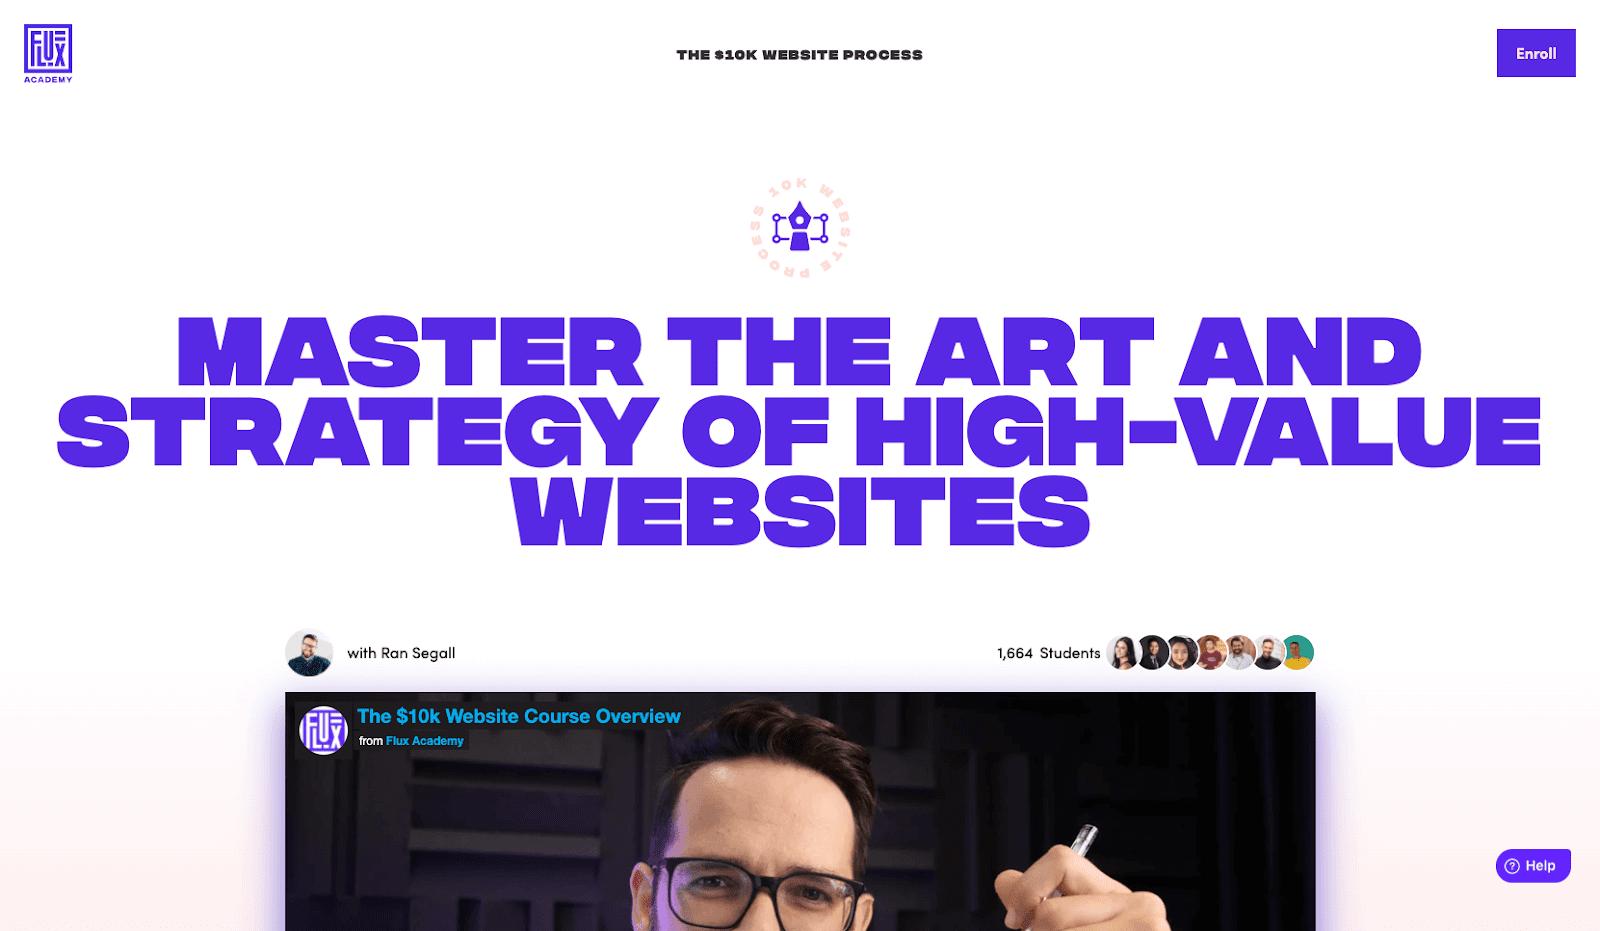 A screenshot of Flux Academy's website